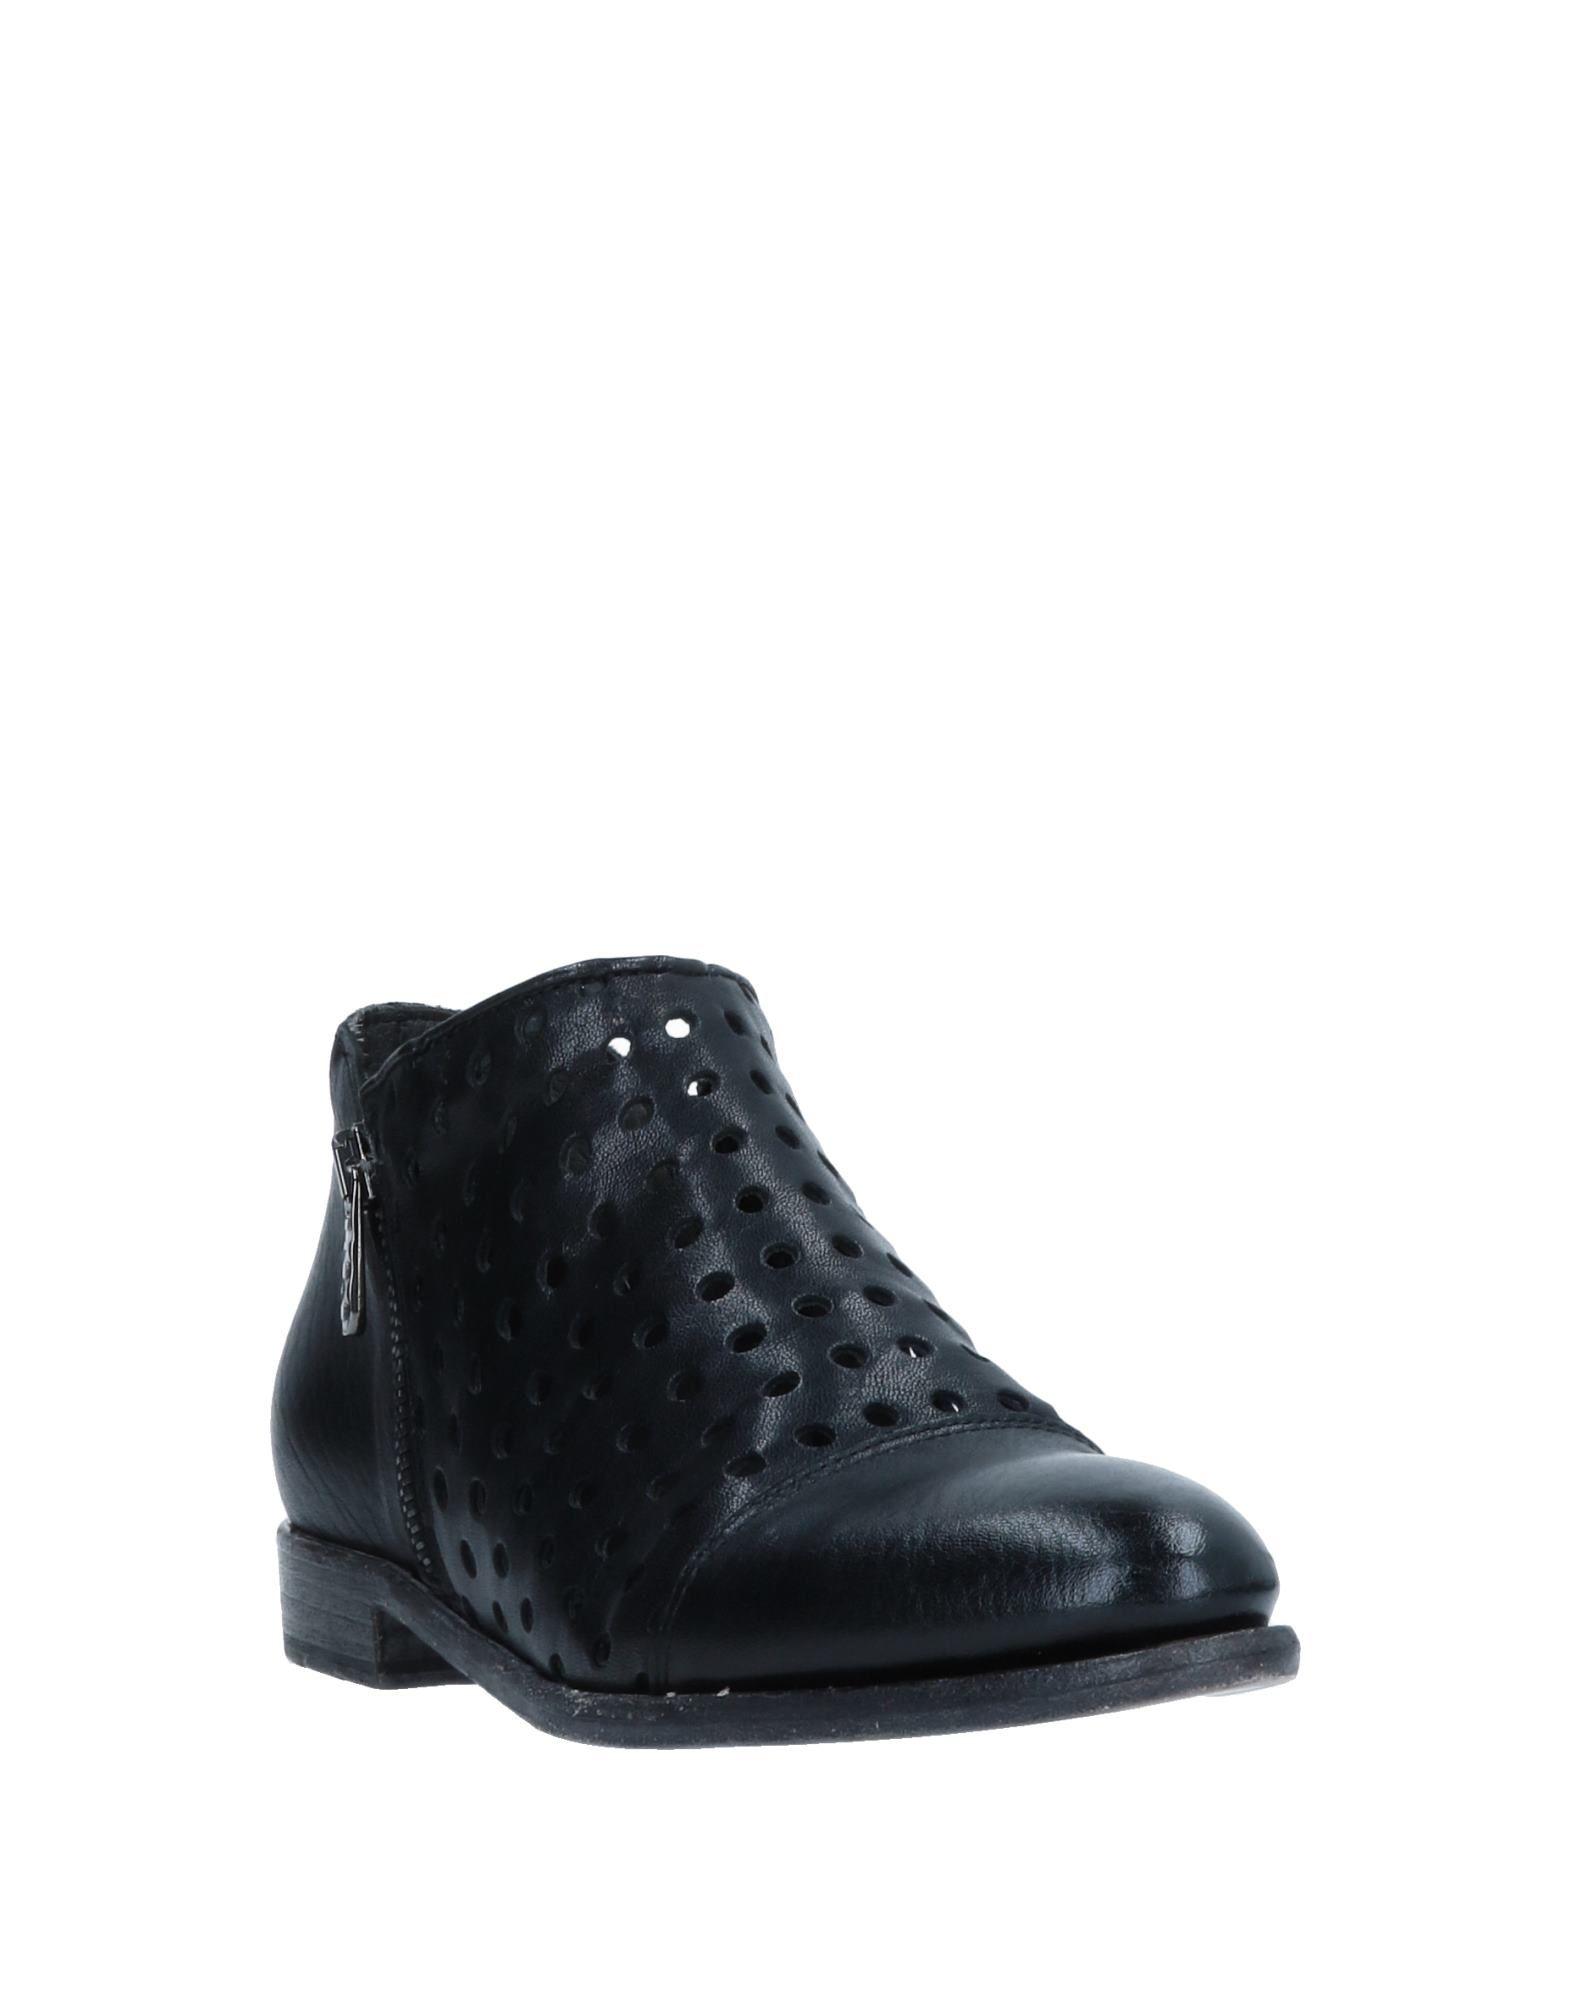 Gut um 11552916QF billige Schuhe zu tragenHundROT 100 Stiefelette Damen 11552916QF um 085c17